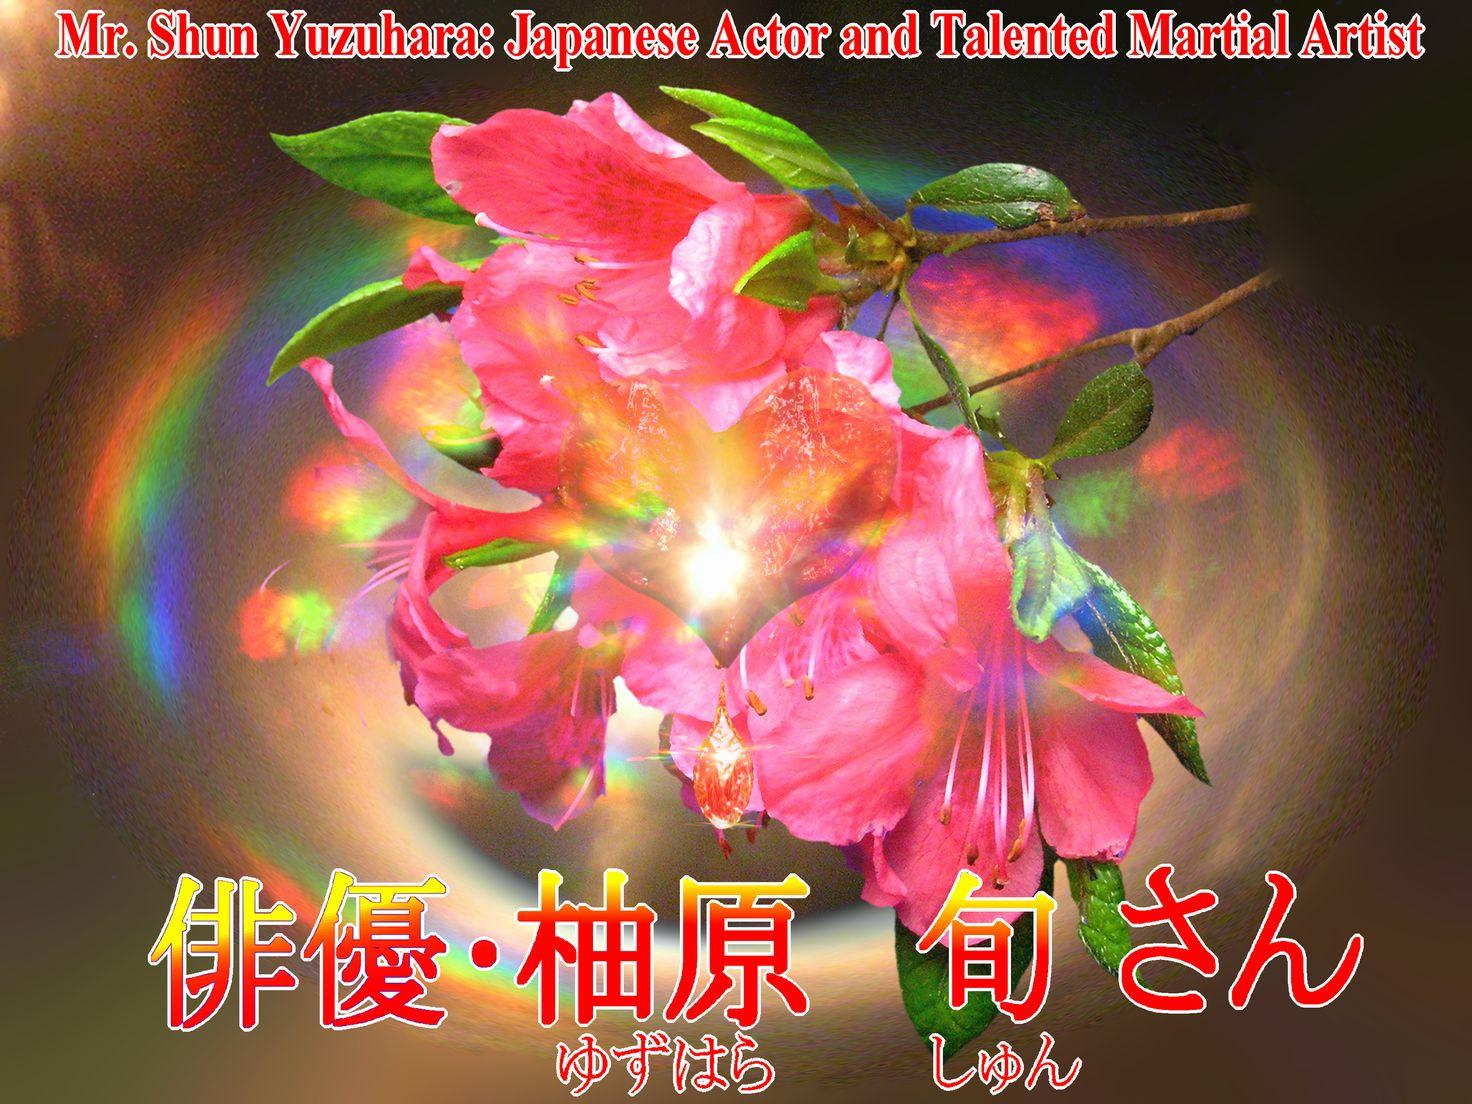 花のツツジの写真